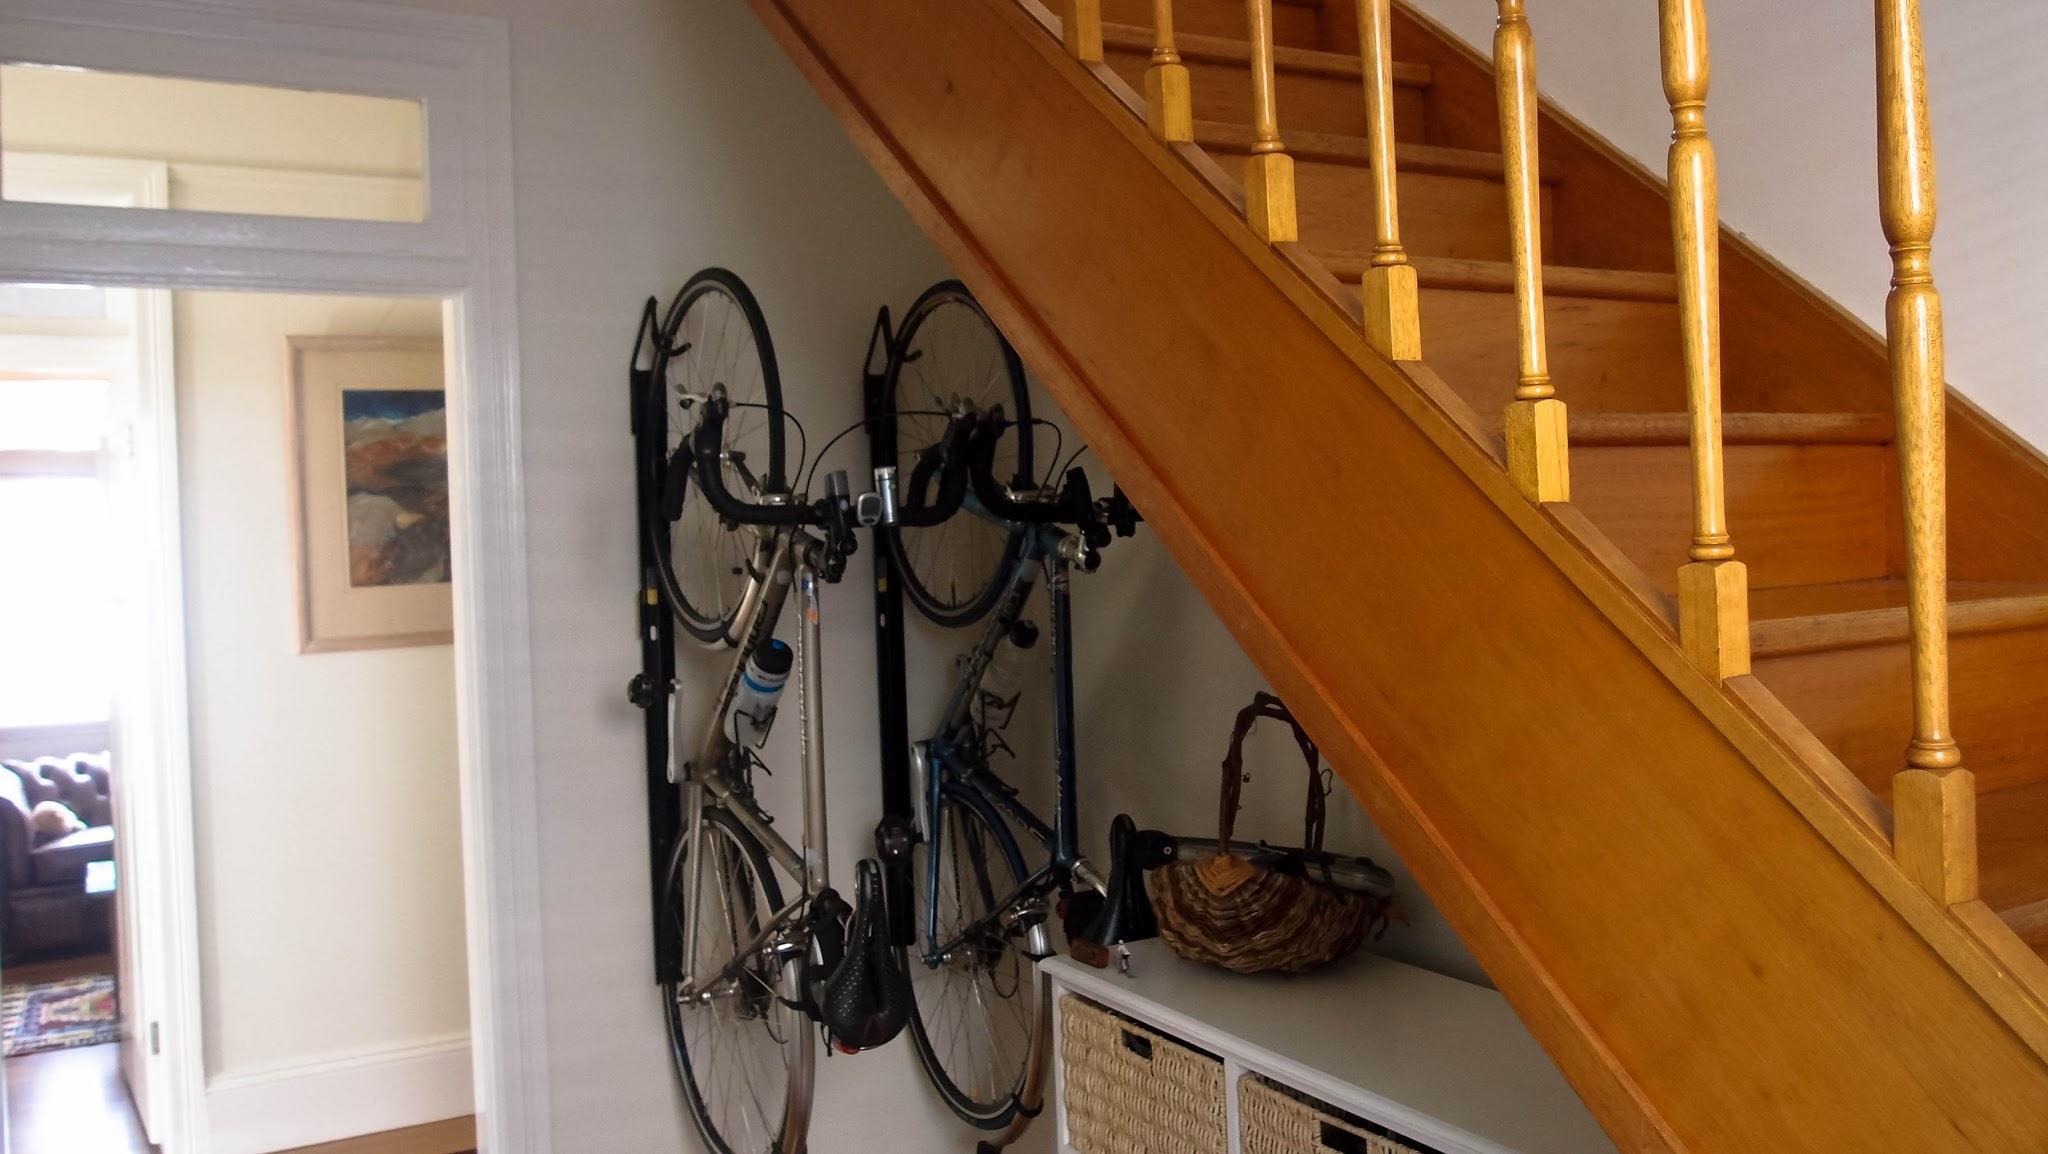 Suport de bicicleta pe perete vertical